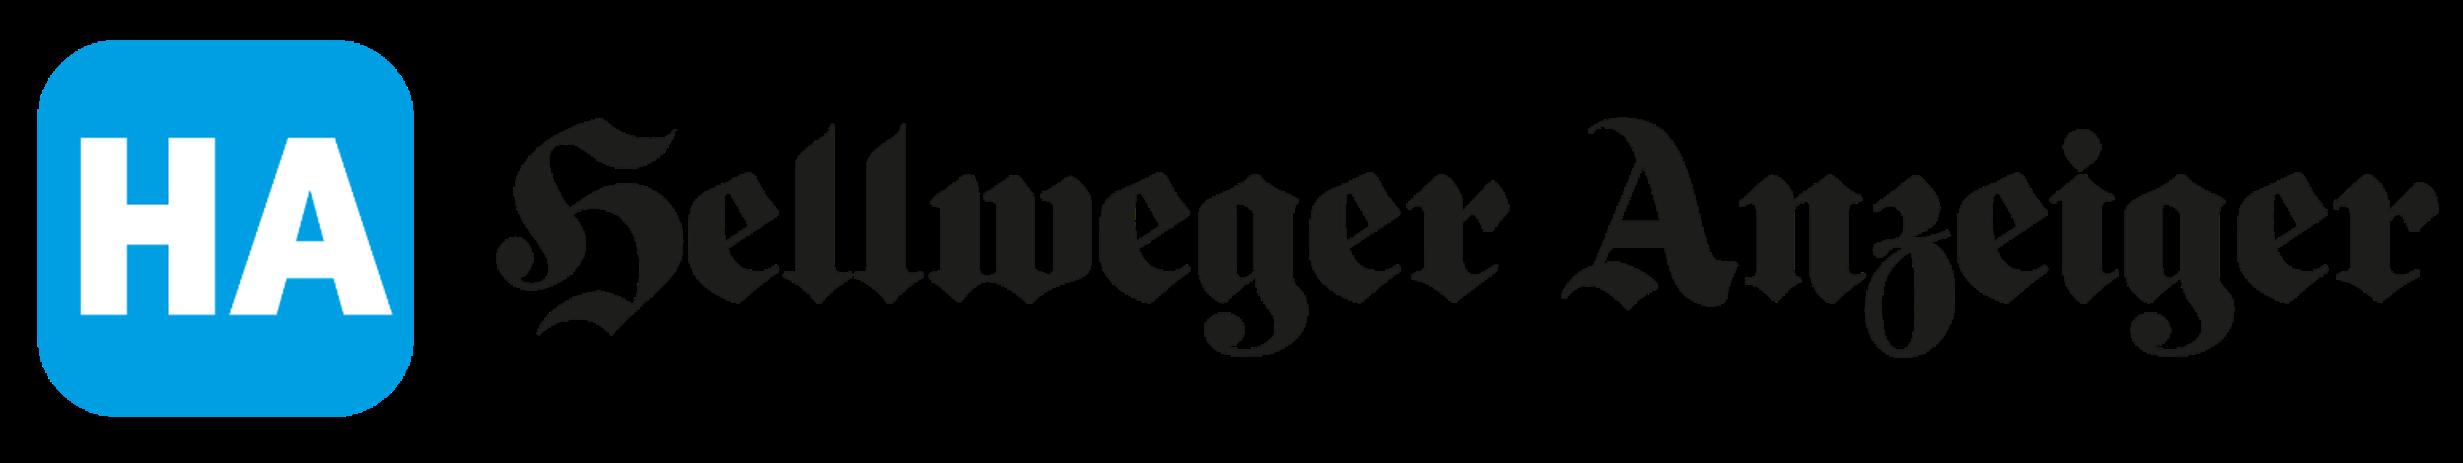 Logo von Hellweger Anzeiger